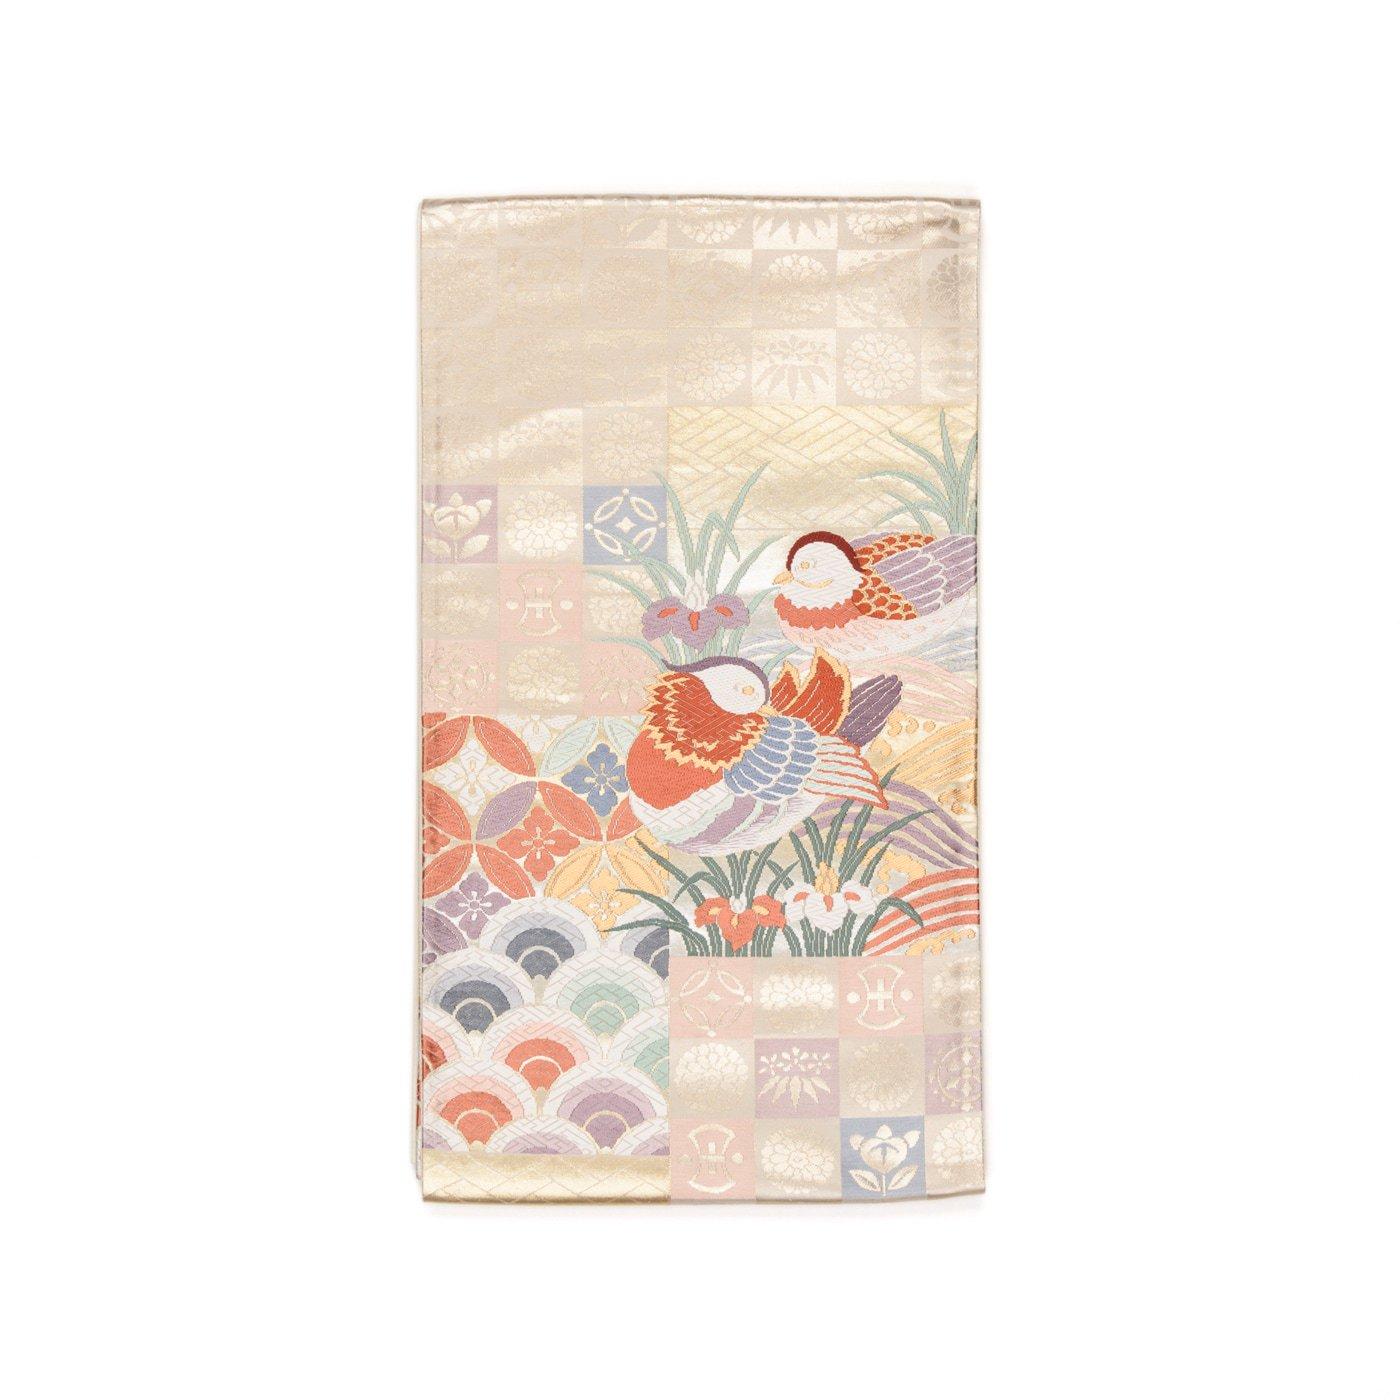 「袋帯●鴛鴦に青海波と七宝など」の商品画像